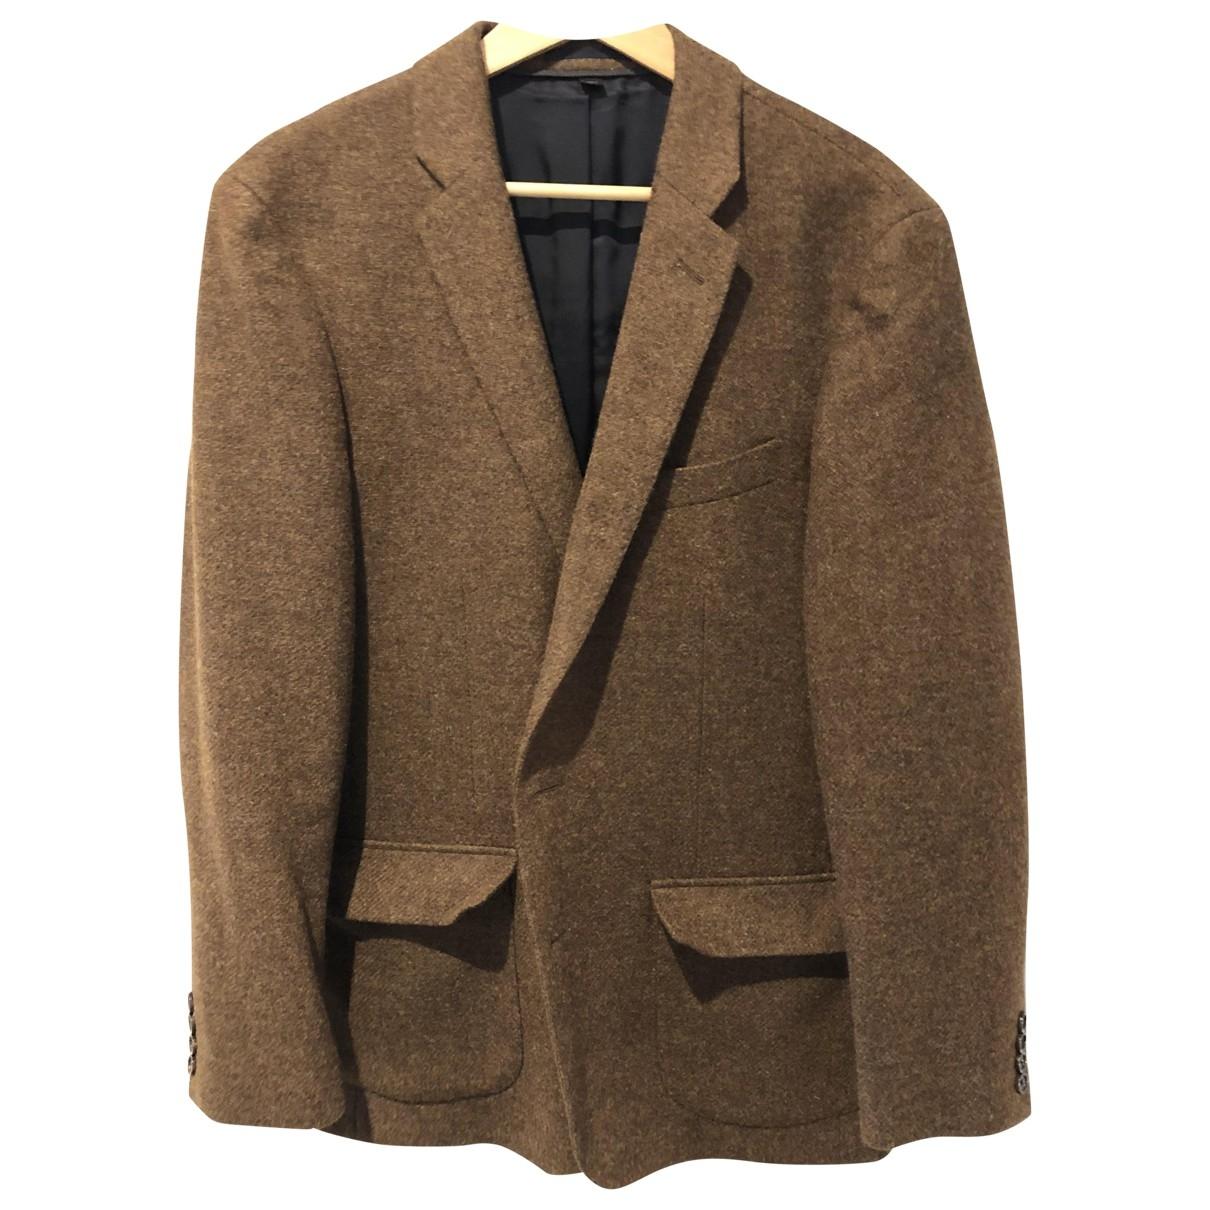 J.crew - Vestes.Blousons   pour homme en laine - marron